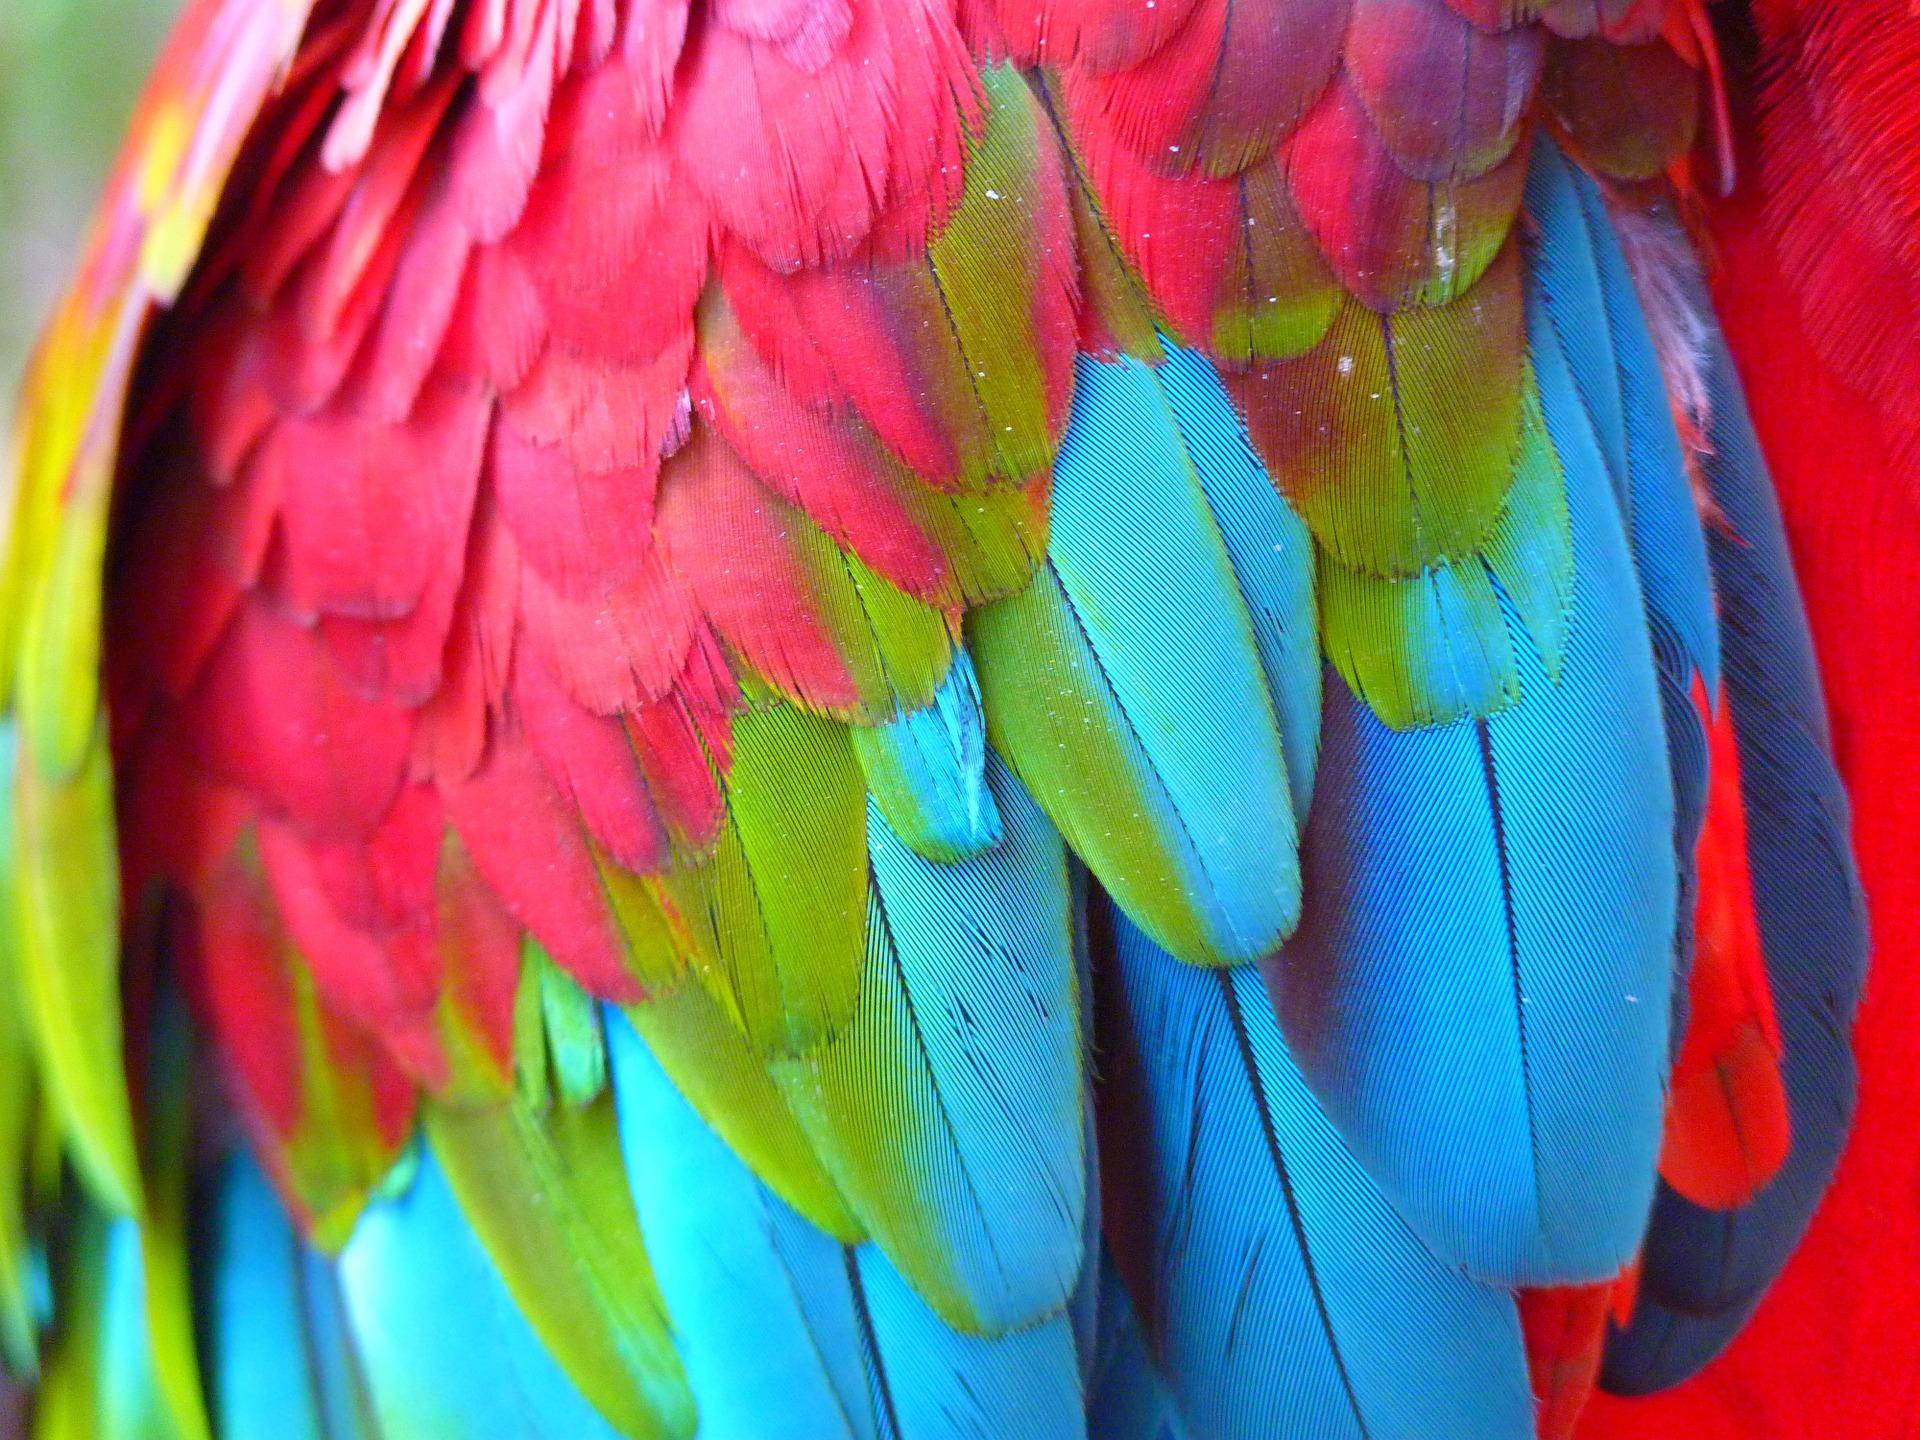 Loros guacamayos aviariojp